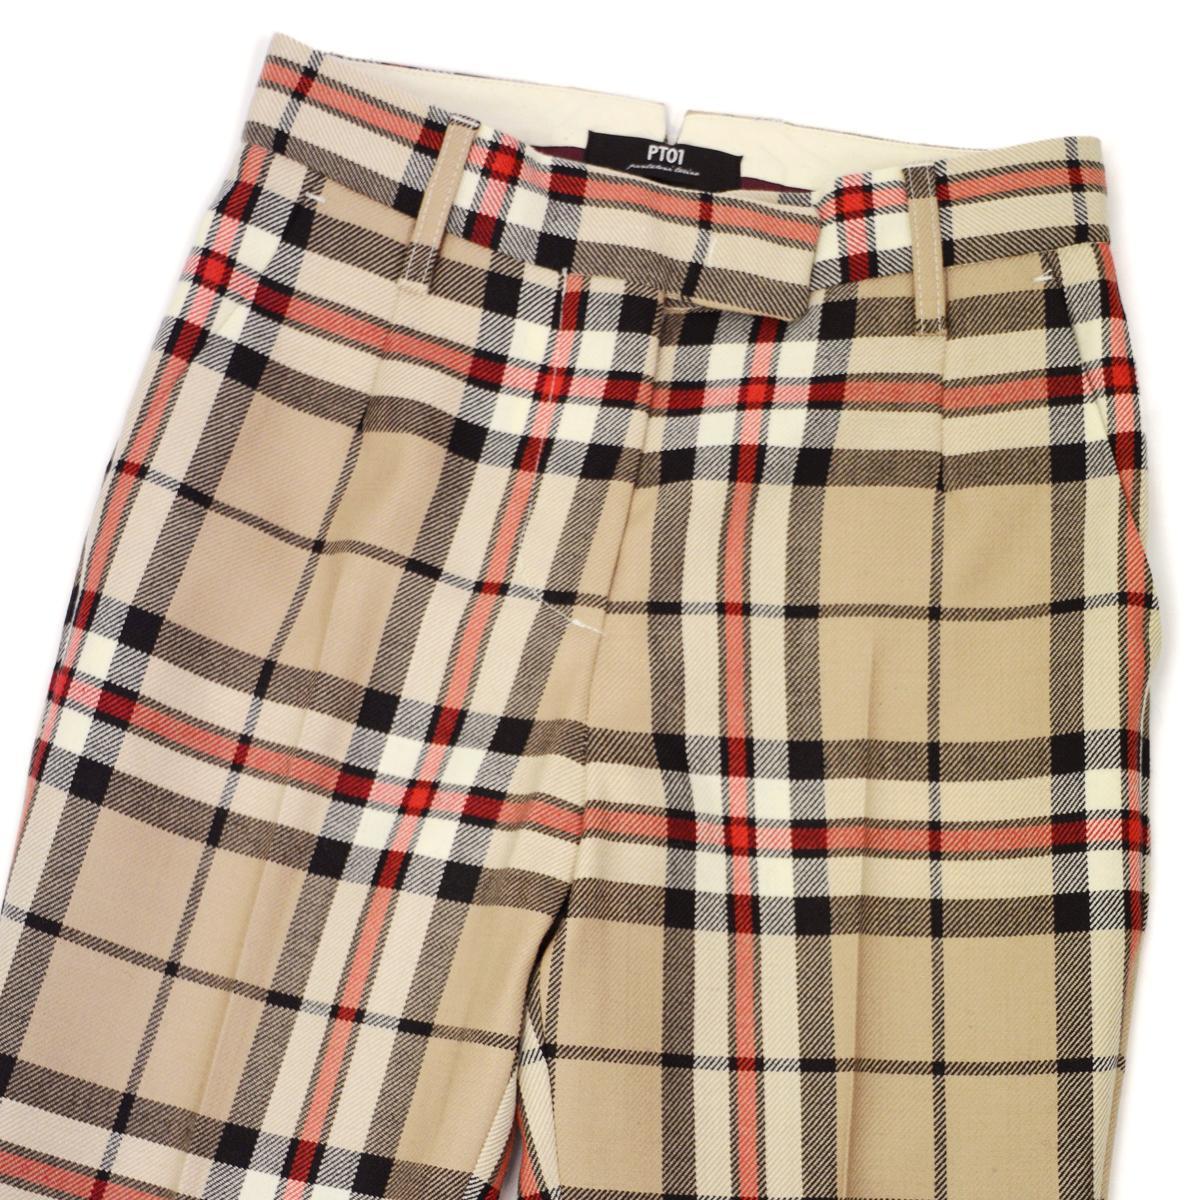 PT01 woman pants【ピーティーゼロウーノ】9分丈チェックパンツ HOLLY NB03 0060 ウール ベージュ レッド